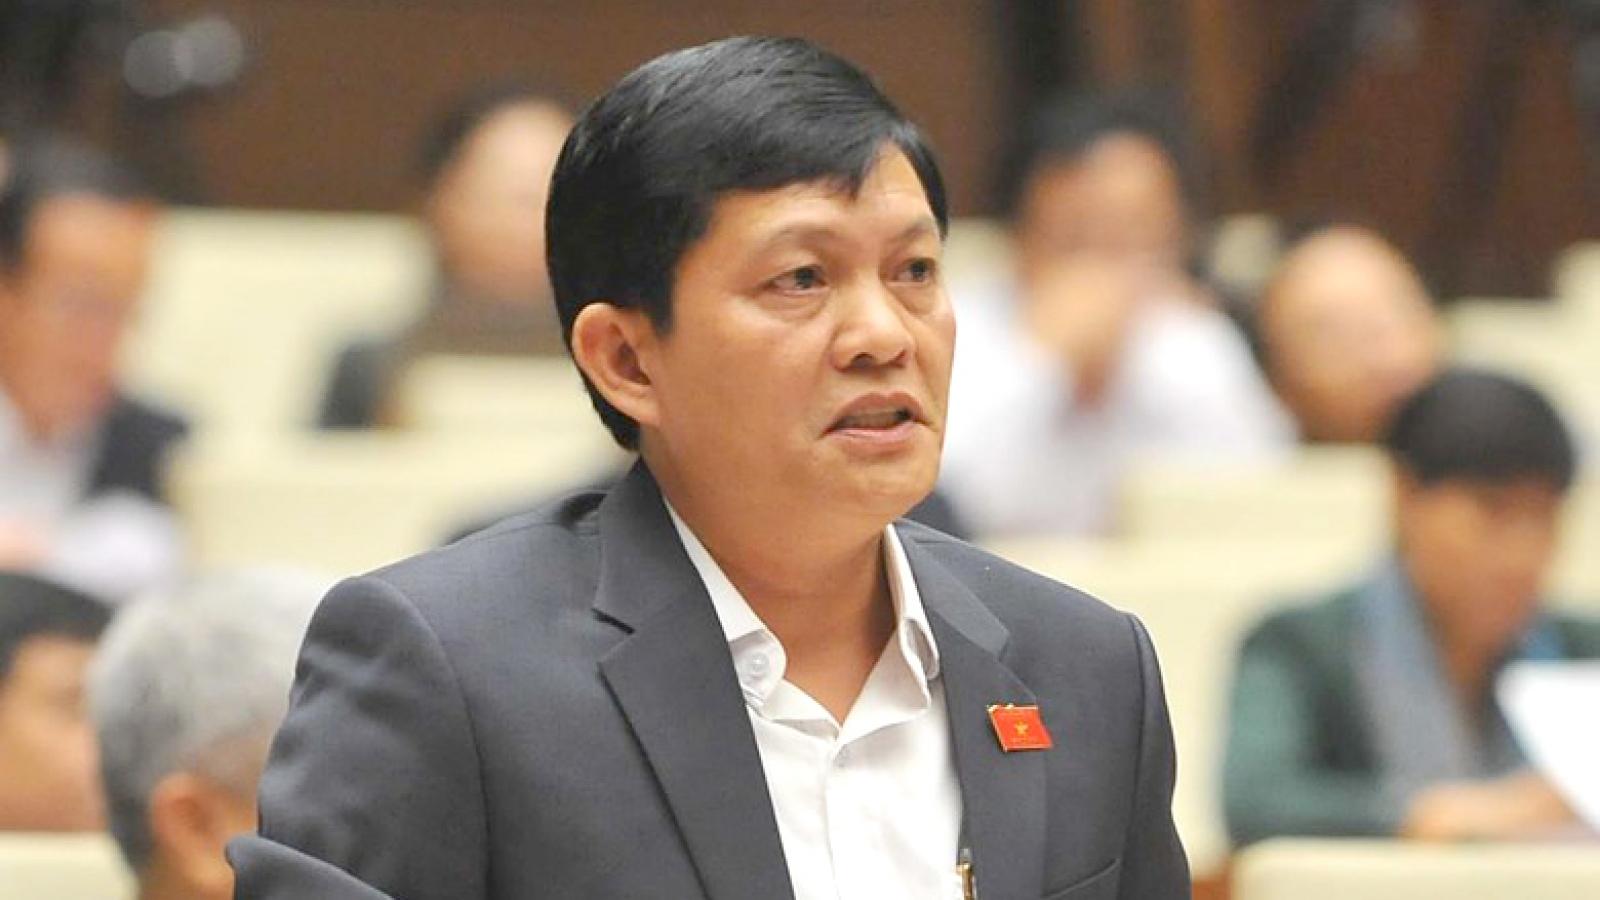 Quốc hội đã bãi nhiệm ông Phạm Phú Quốc do vi phạm về quốc tịch